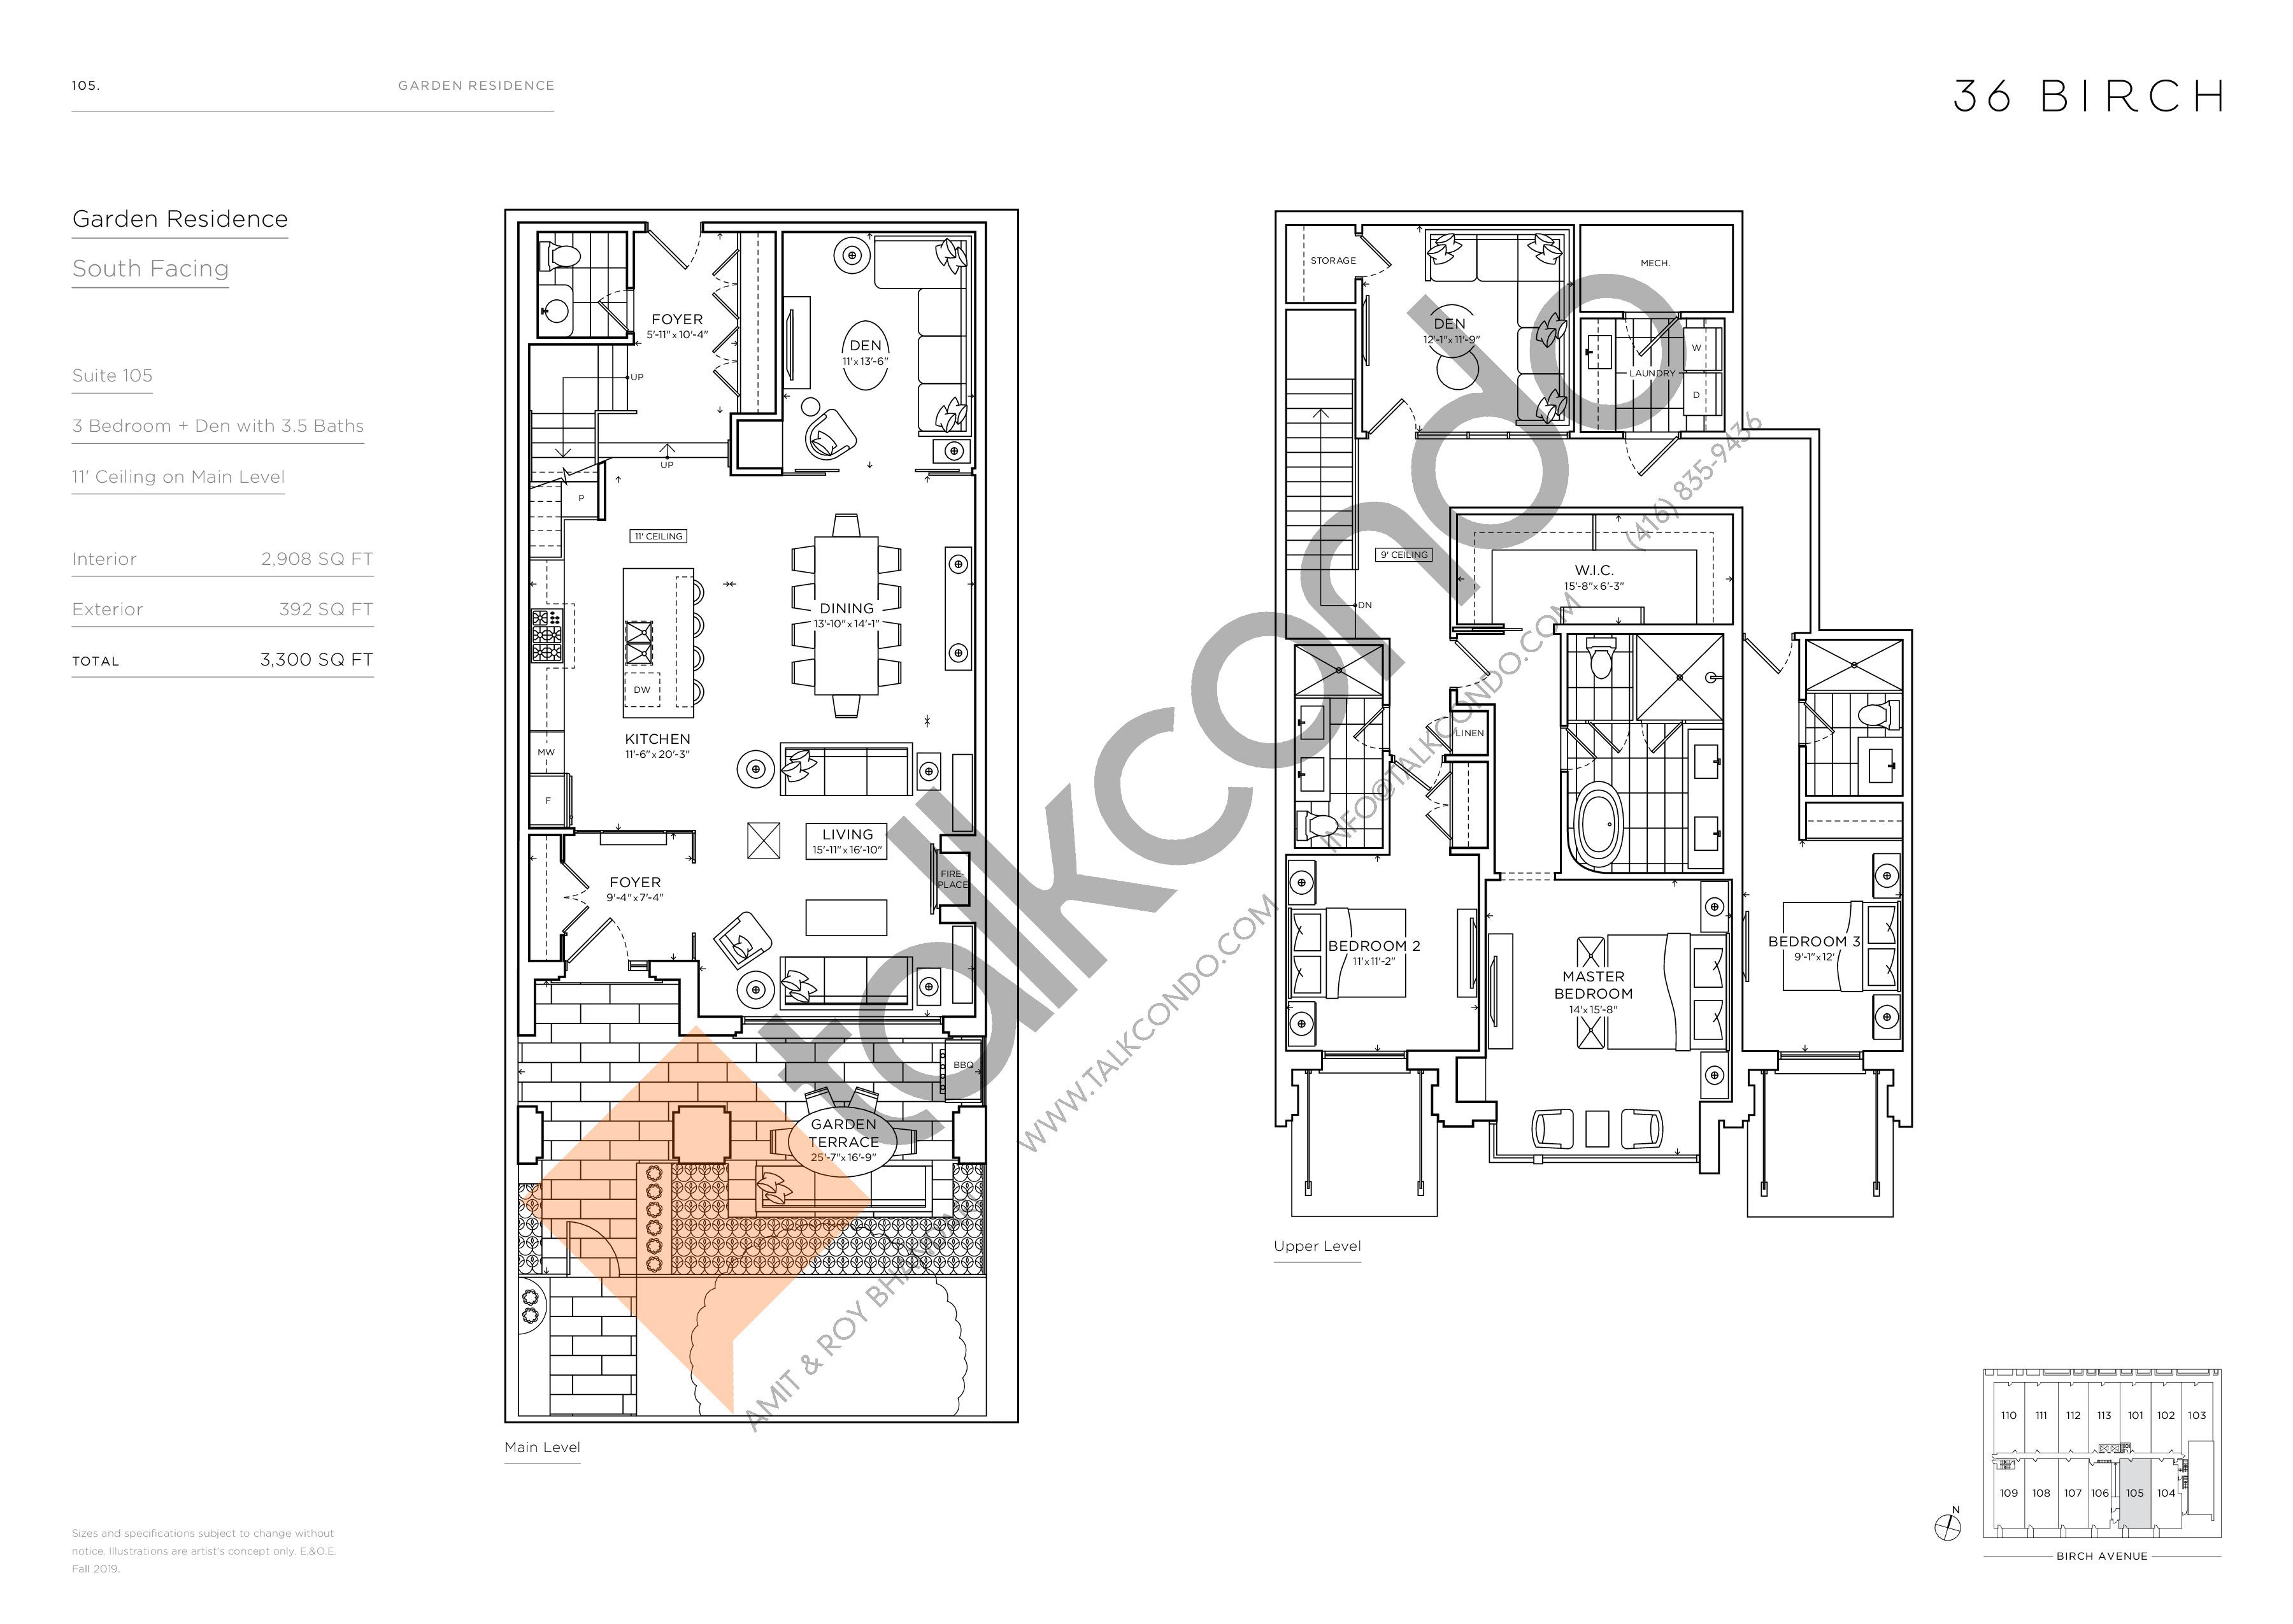 105 - Garden Residences Floor Plan at 36 Birch Avenue Condos - 2908 sq.ft